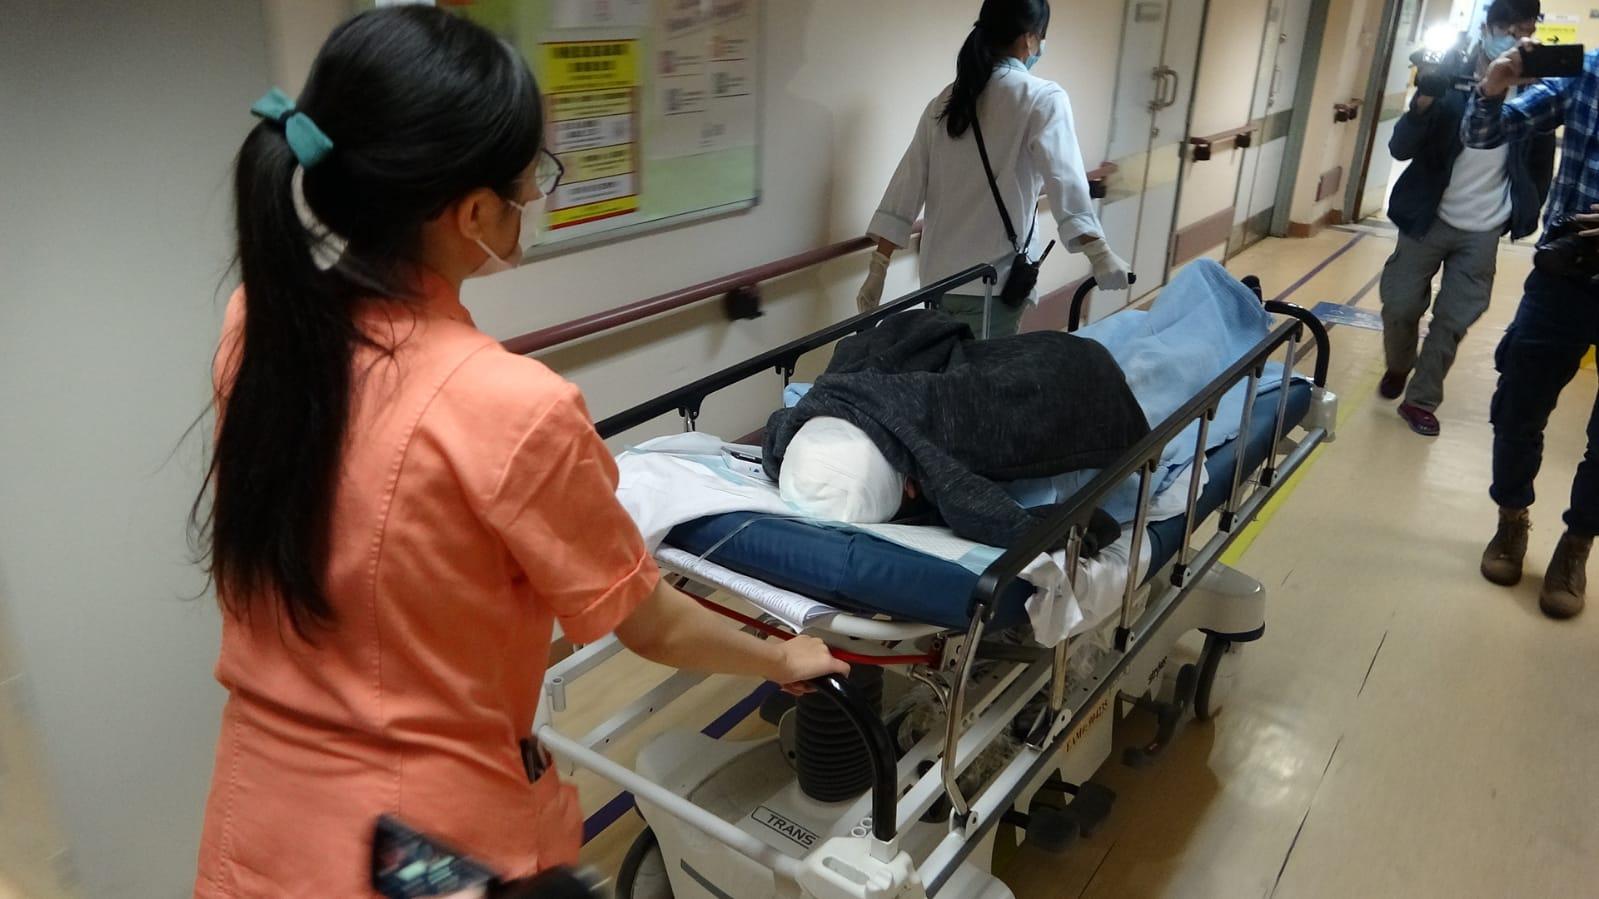 頭部受傷的超市經理接受急救後,推往病房。